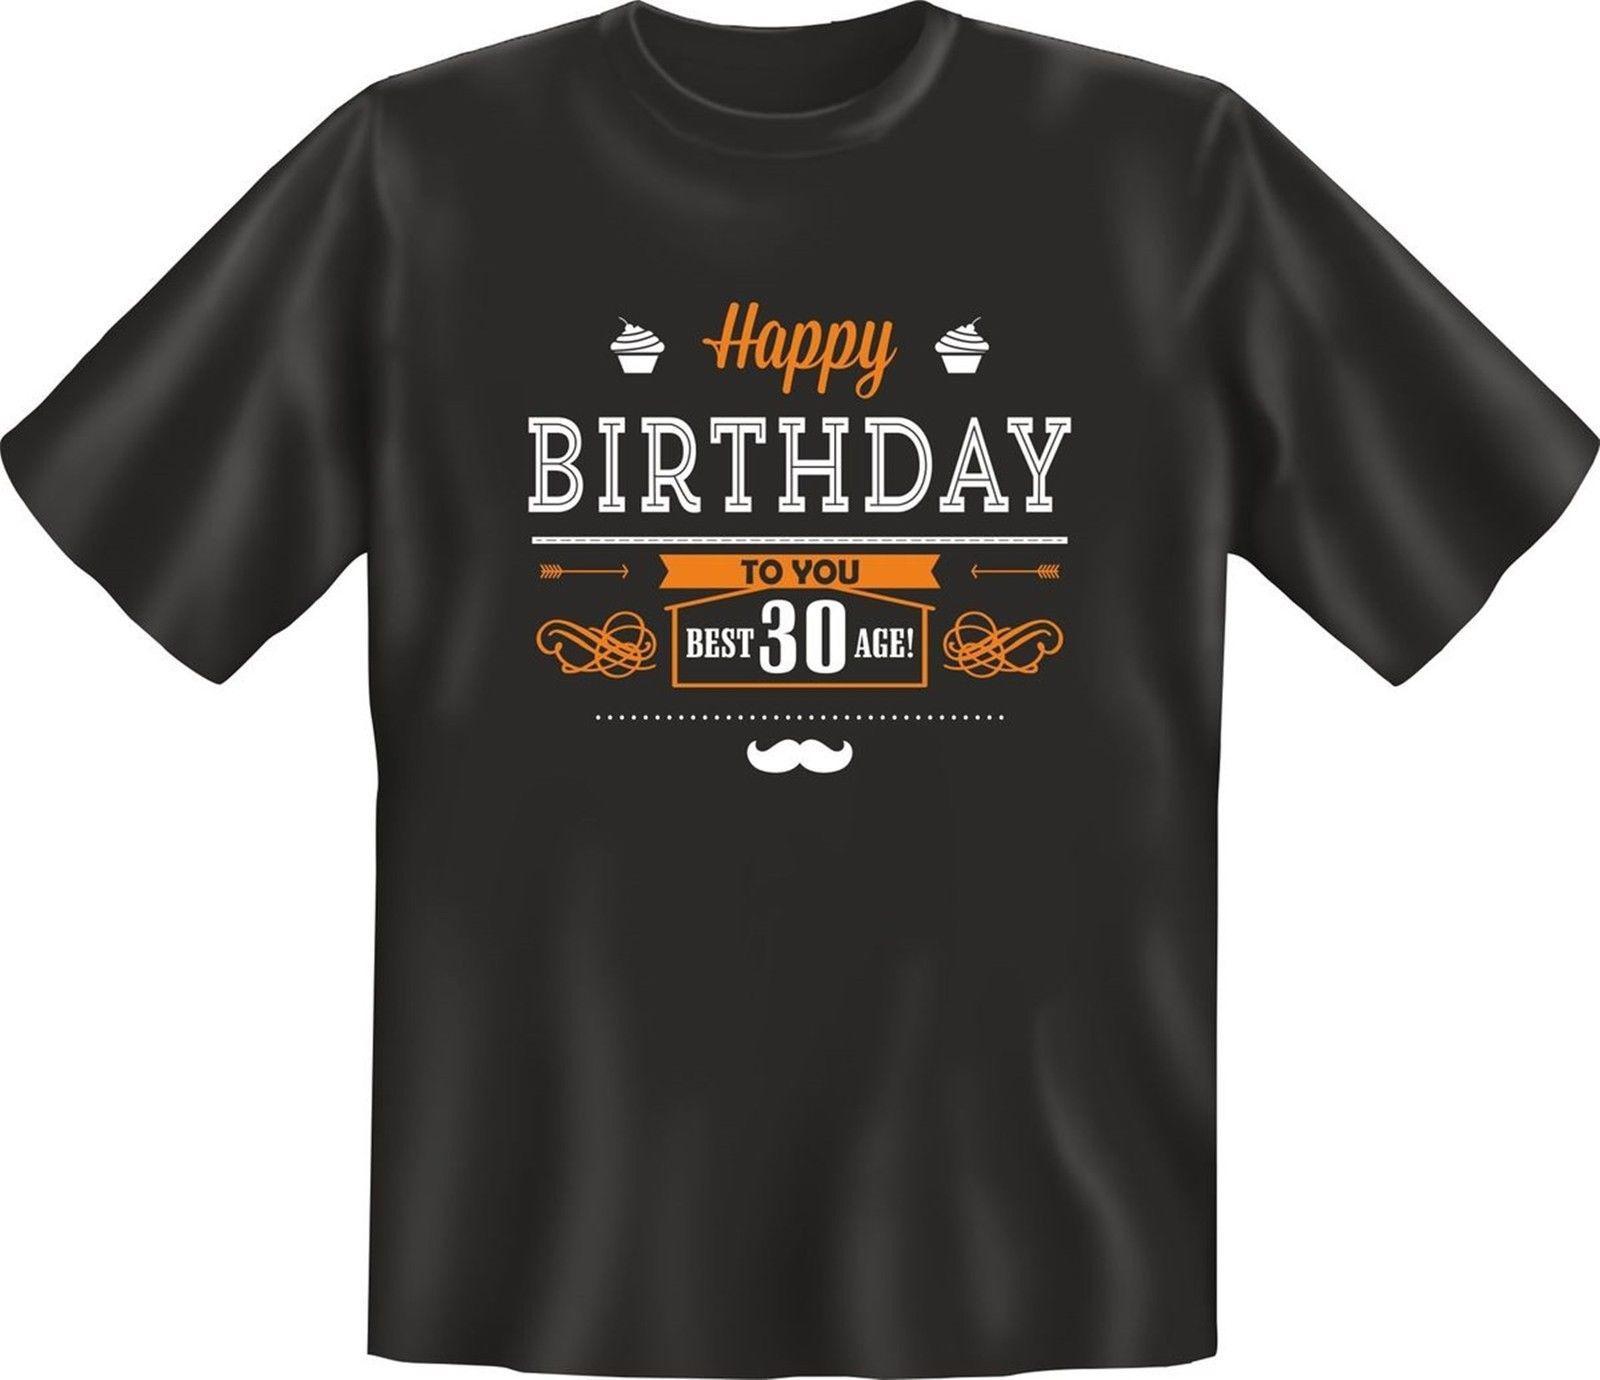 Geburtstag T Shirt Happy Birthday Best Age 30 Jahre Geschenk Geil Bedruckt